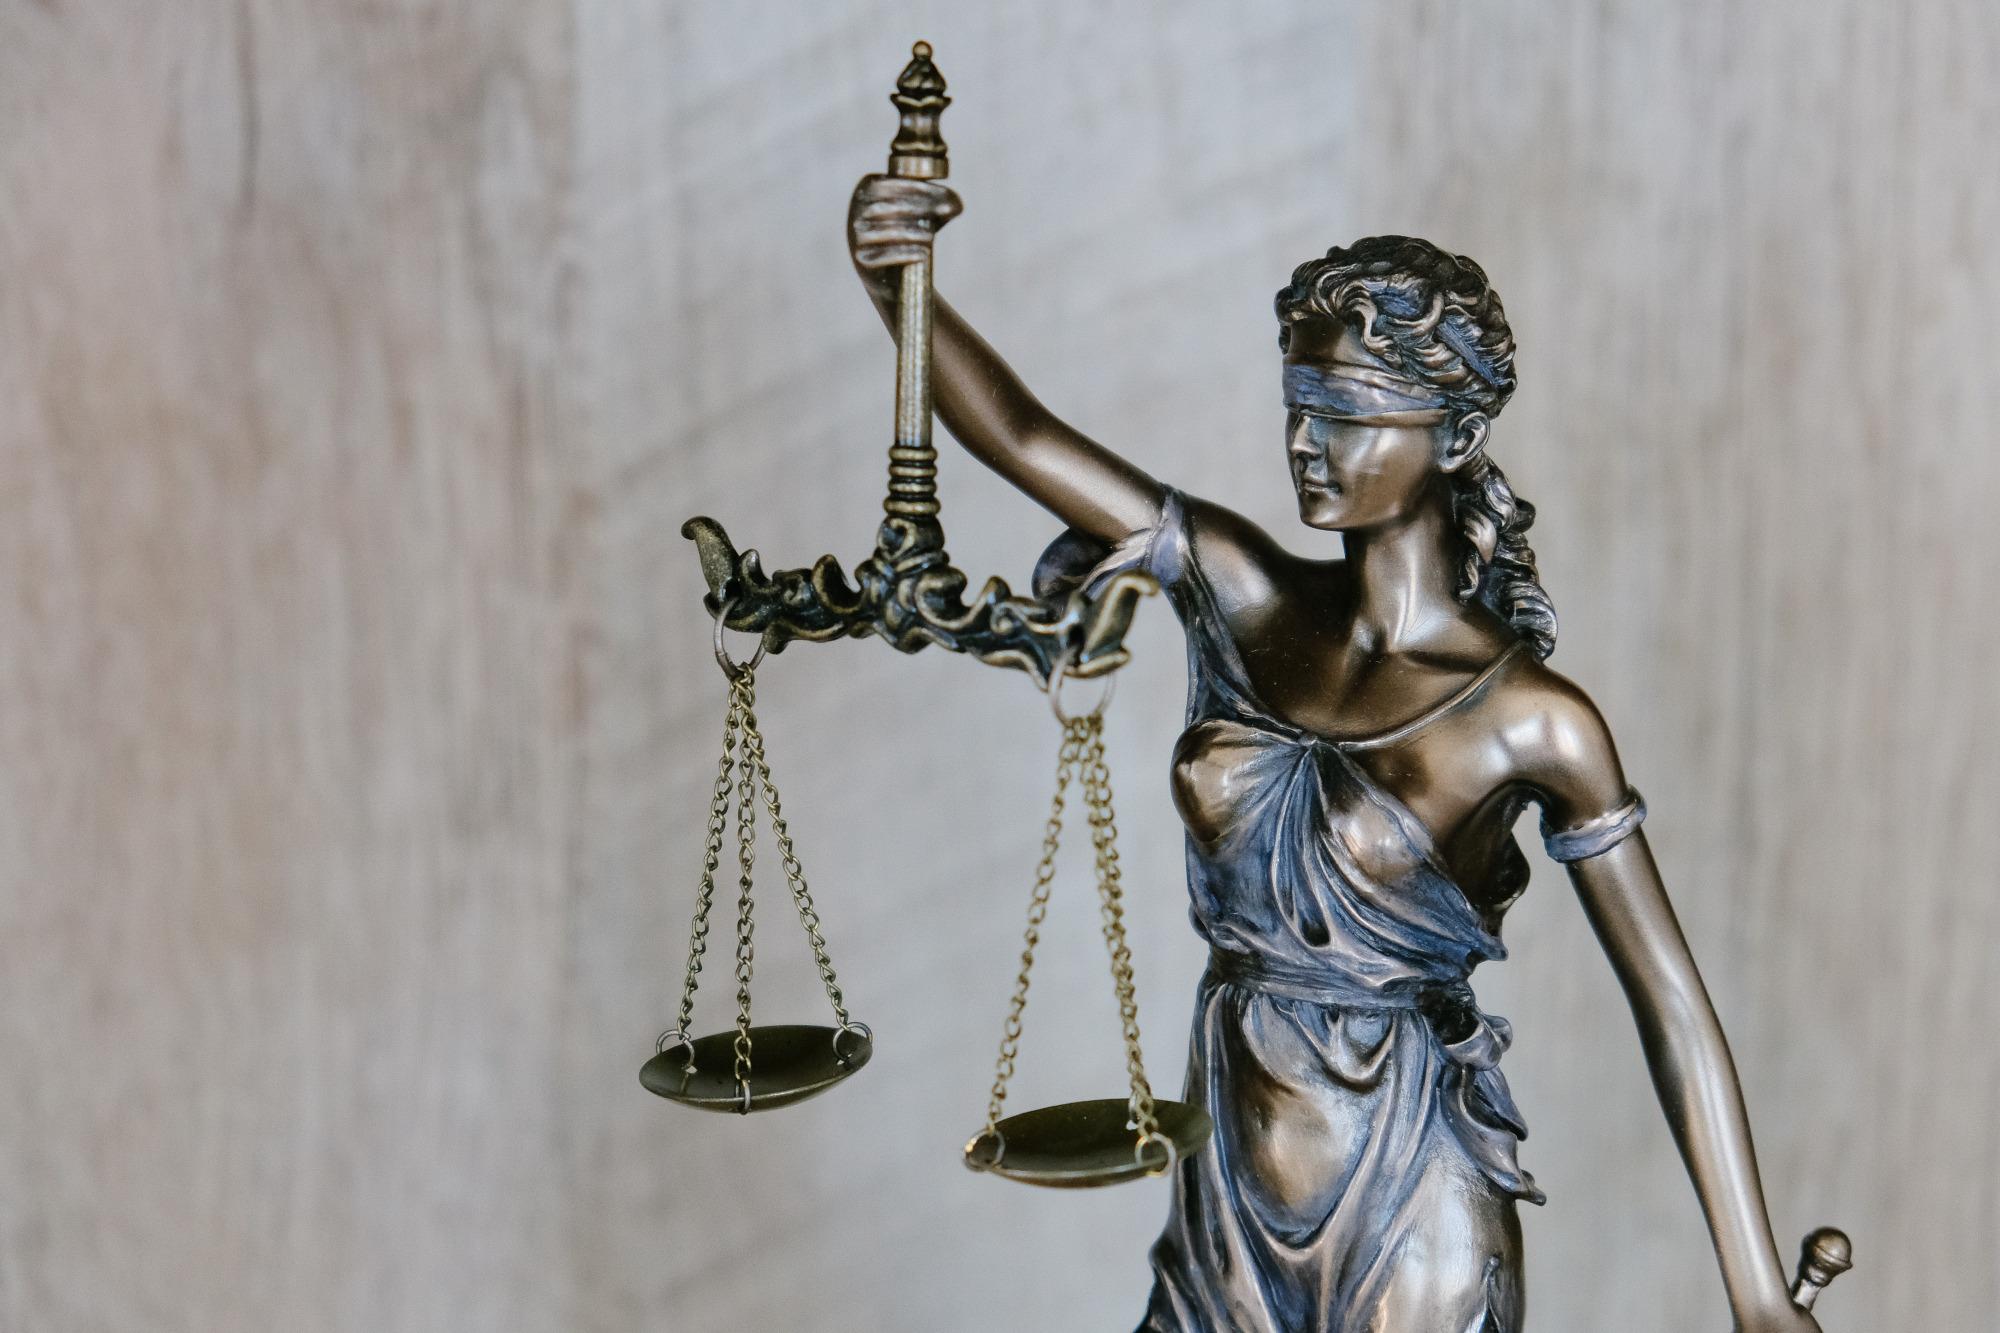 tingey-injury-law-firm-dzpc4uy8zty-unsplash.jpg